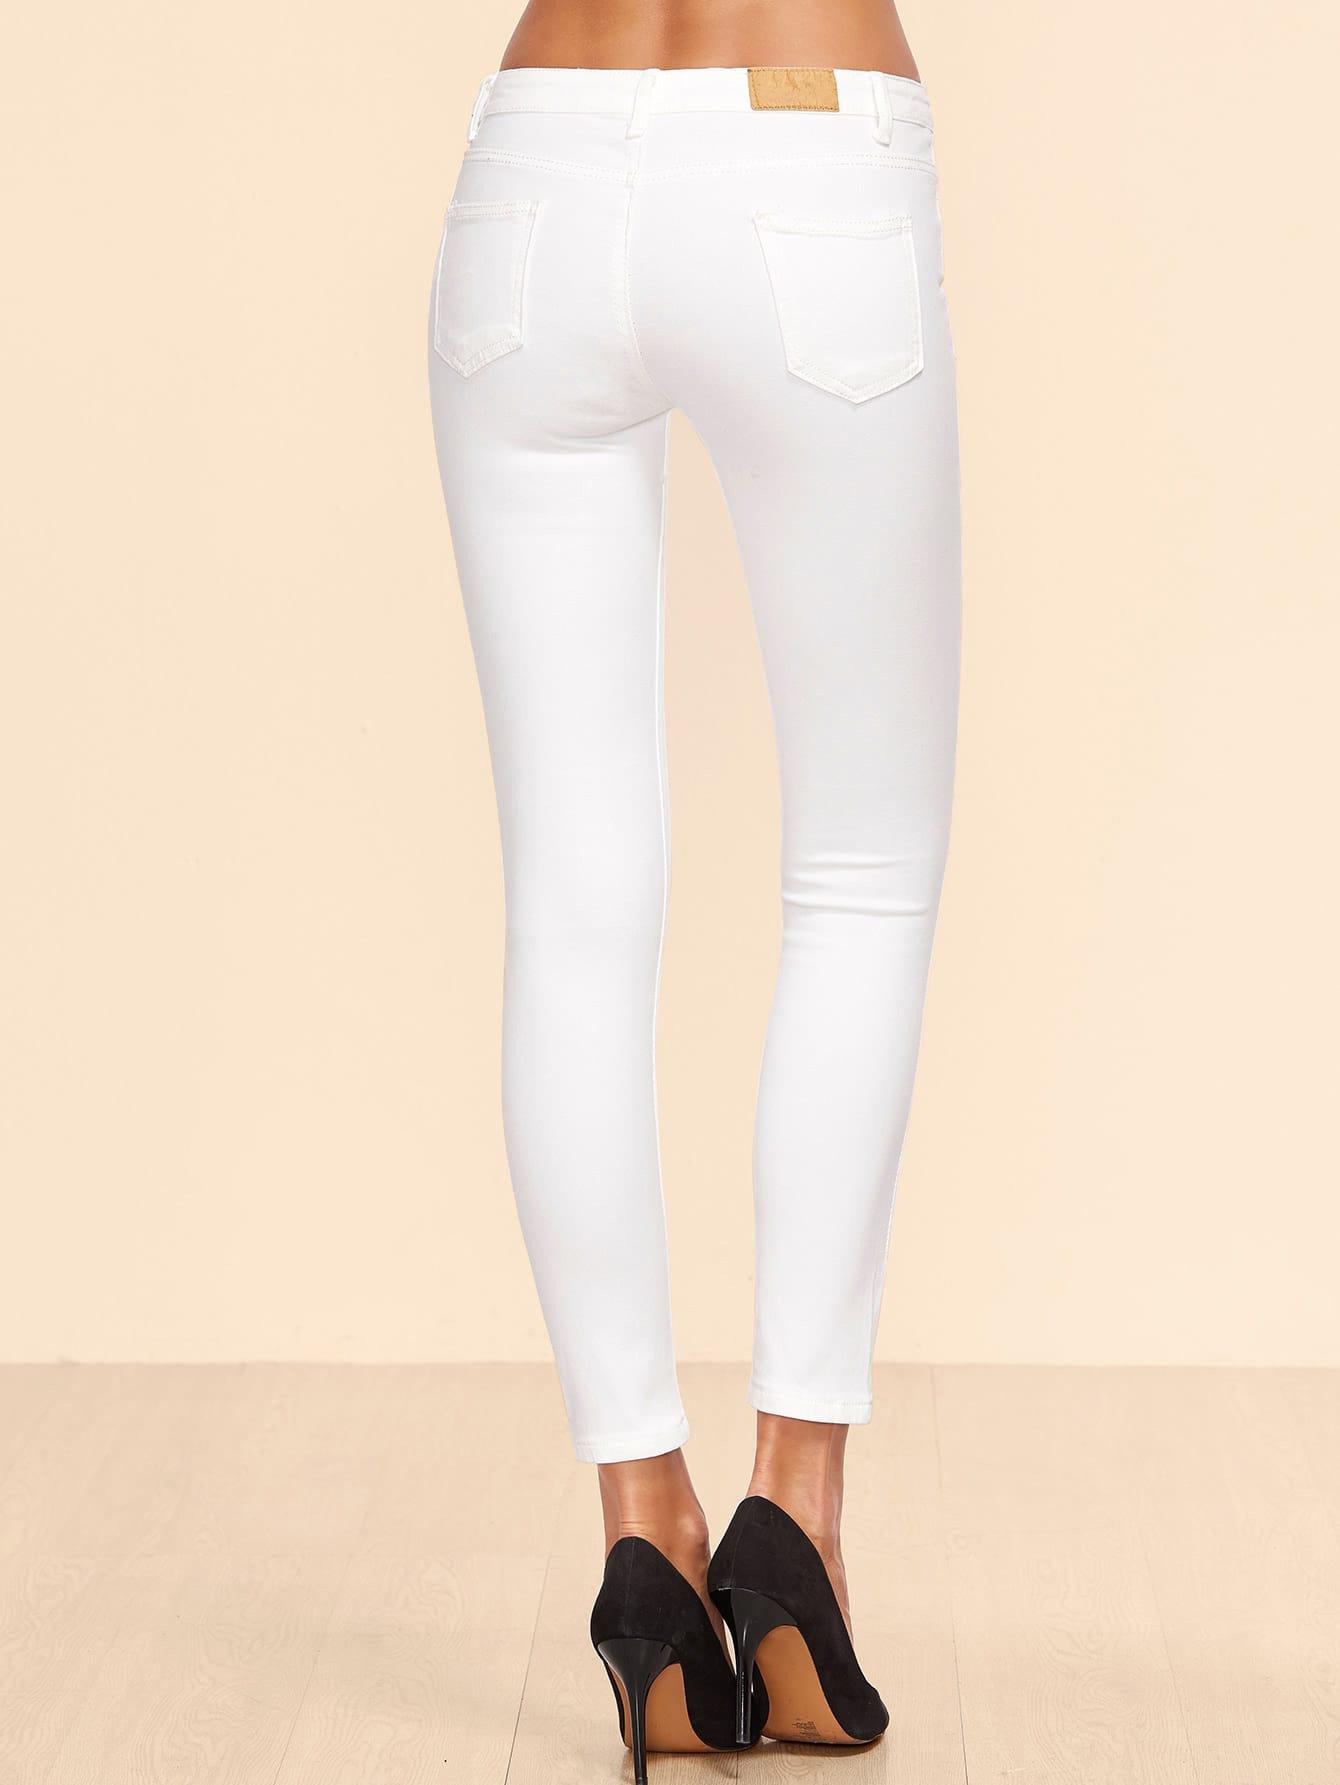 pants161020031_2